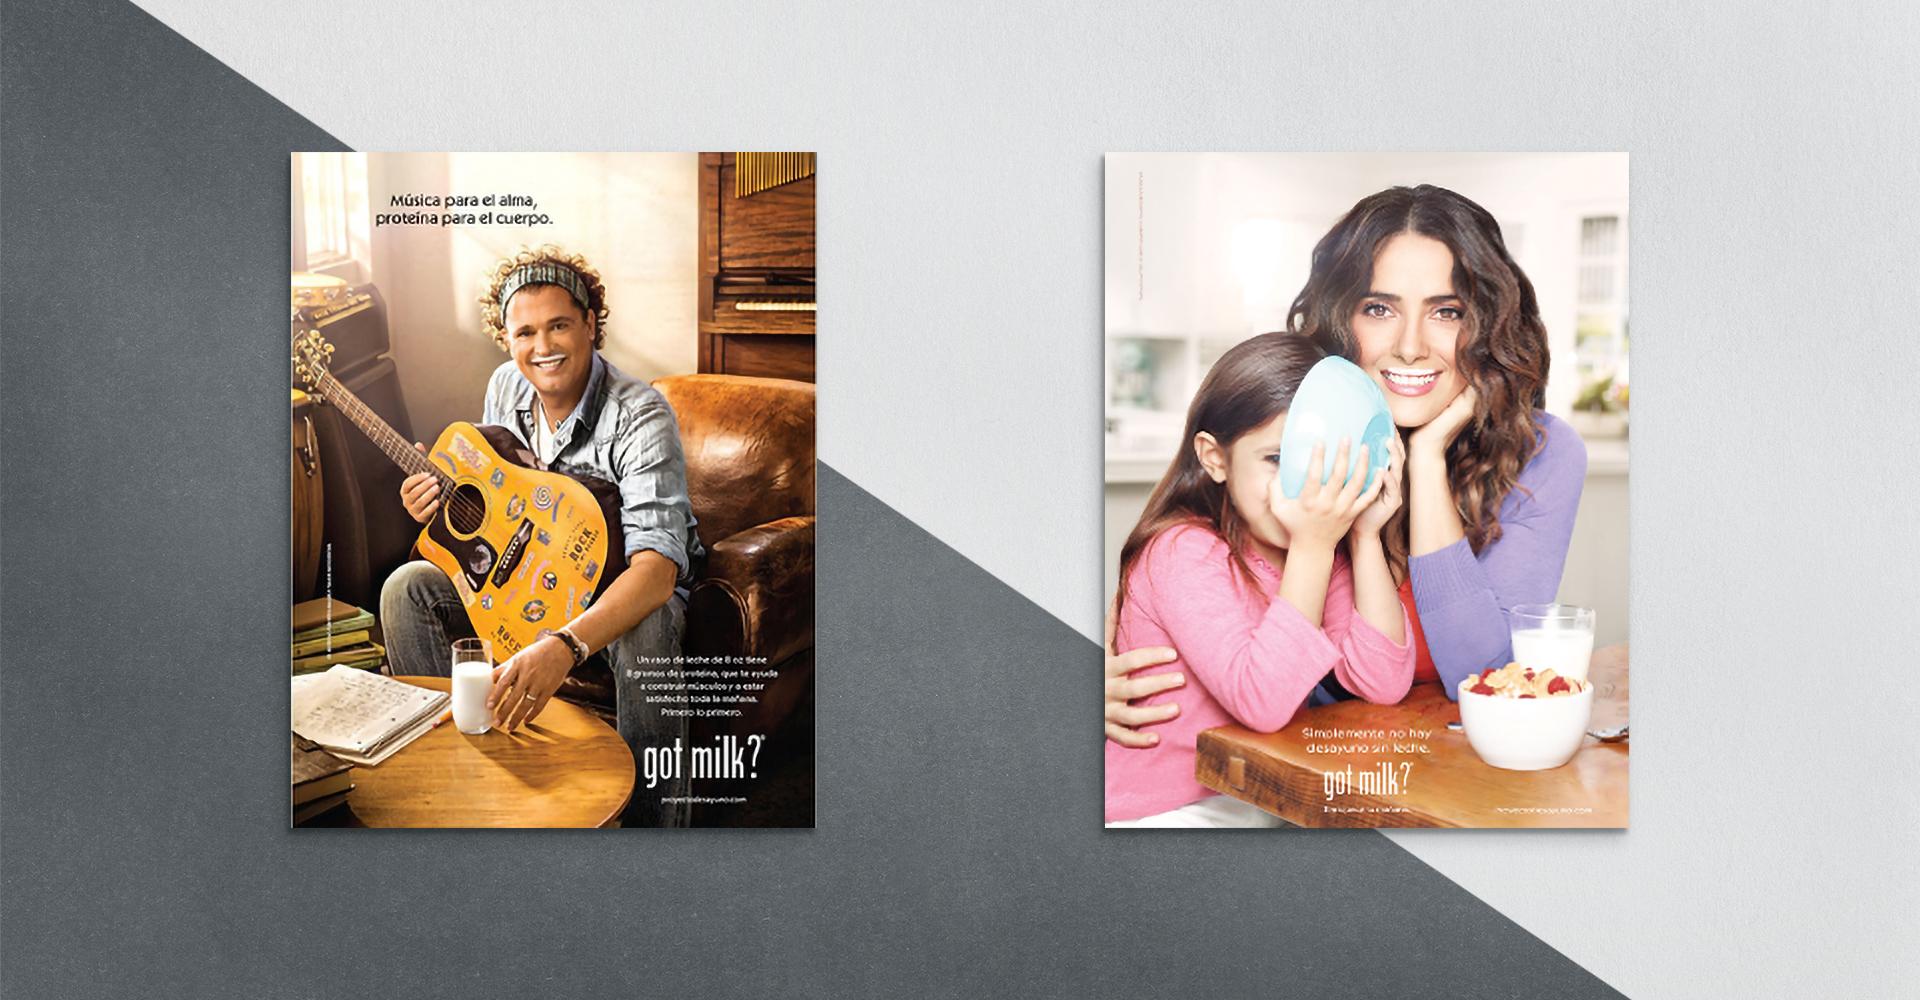 Milk print ads